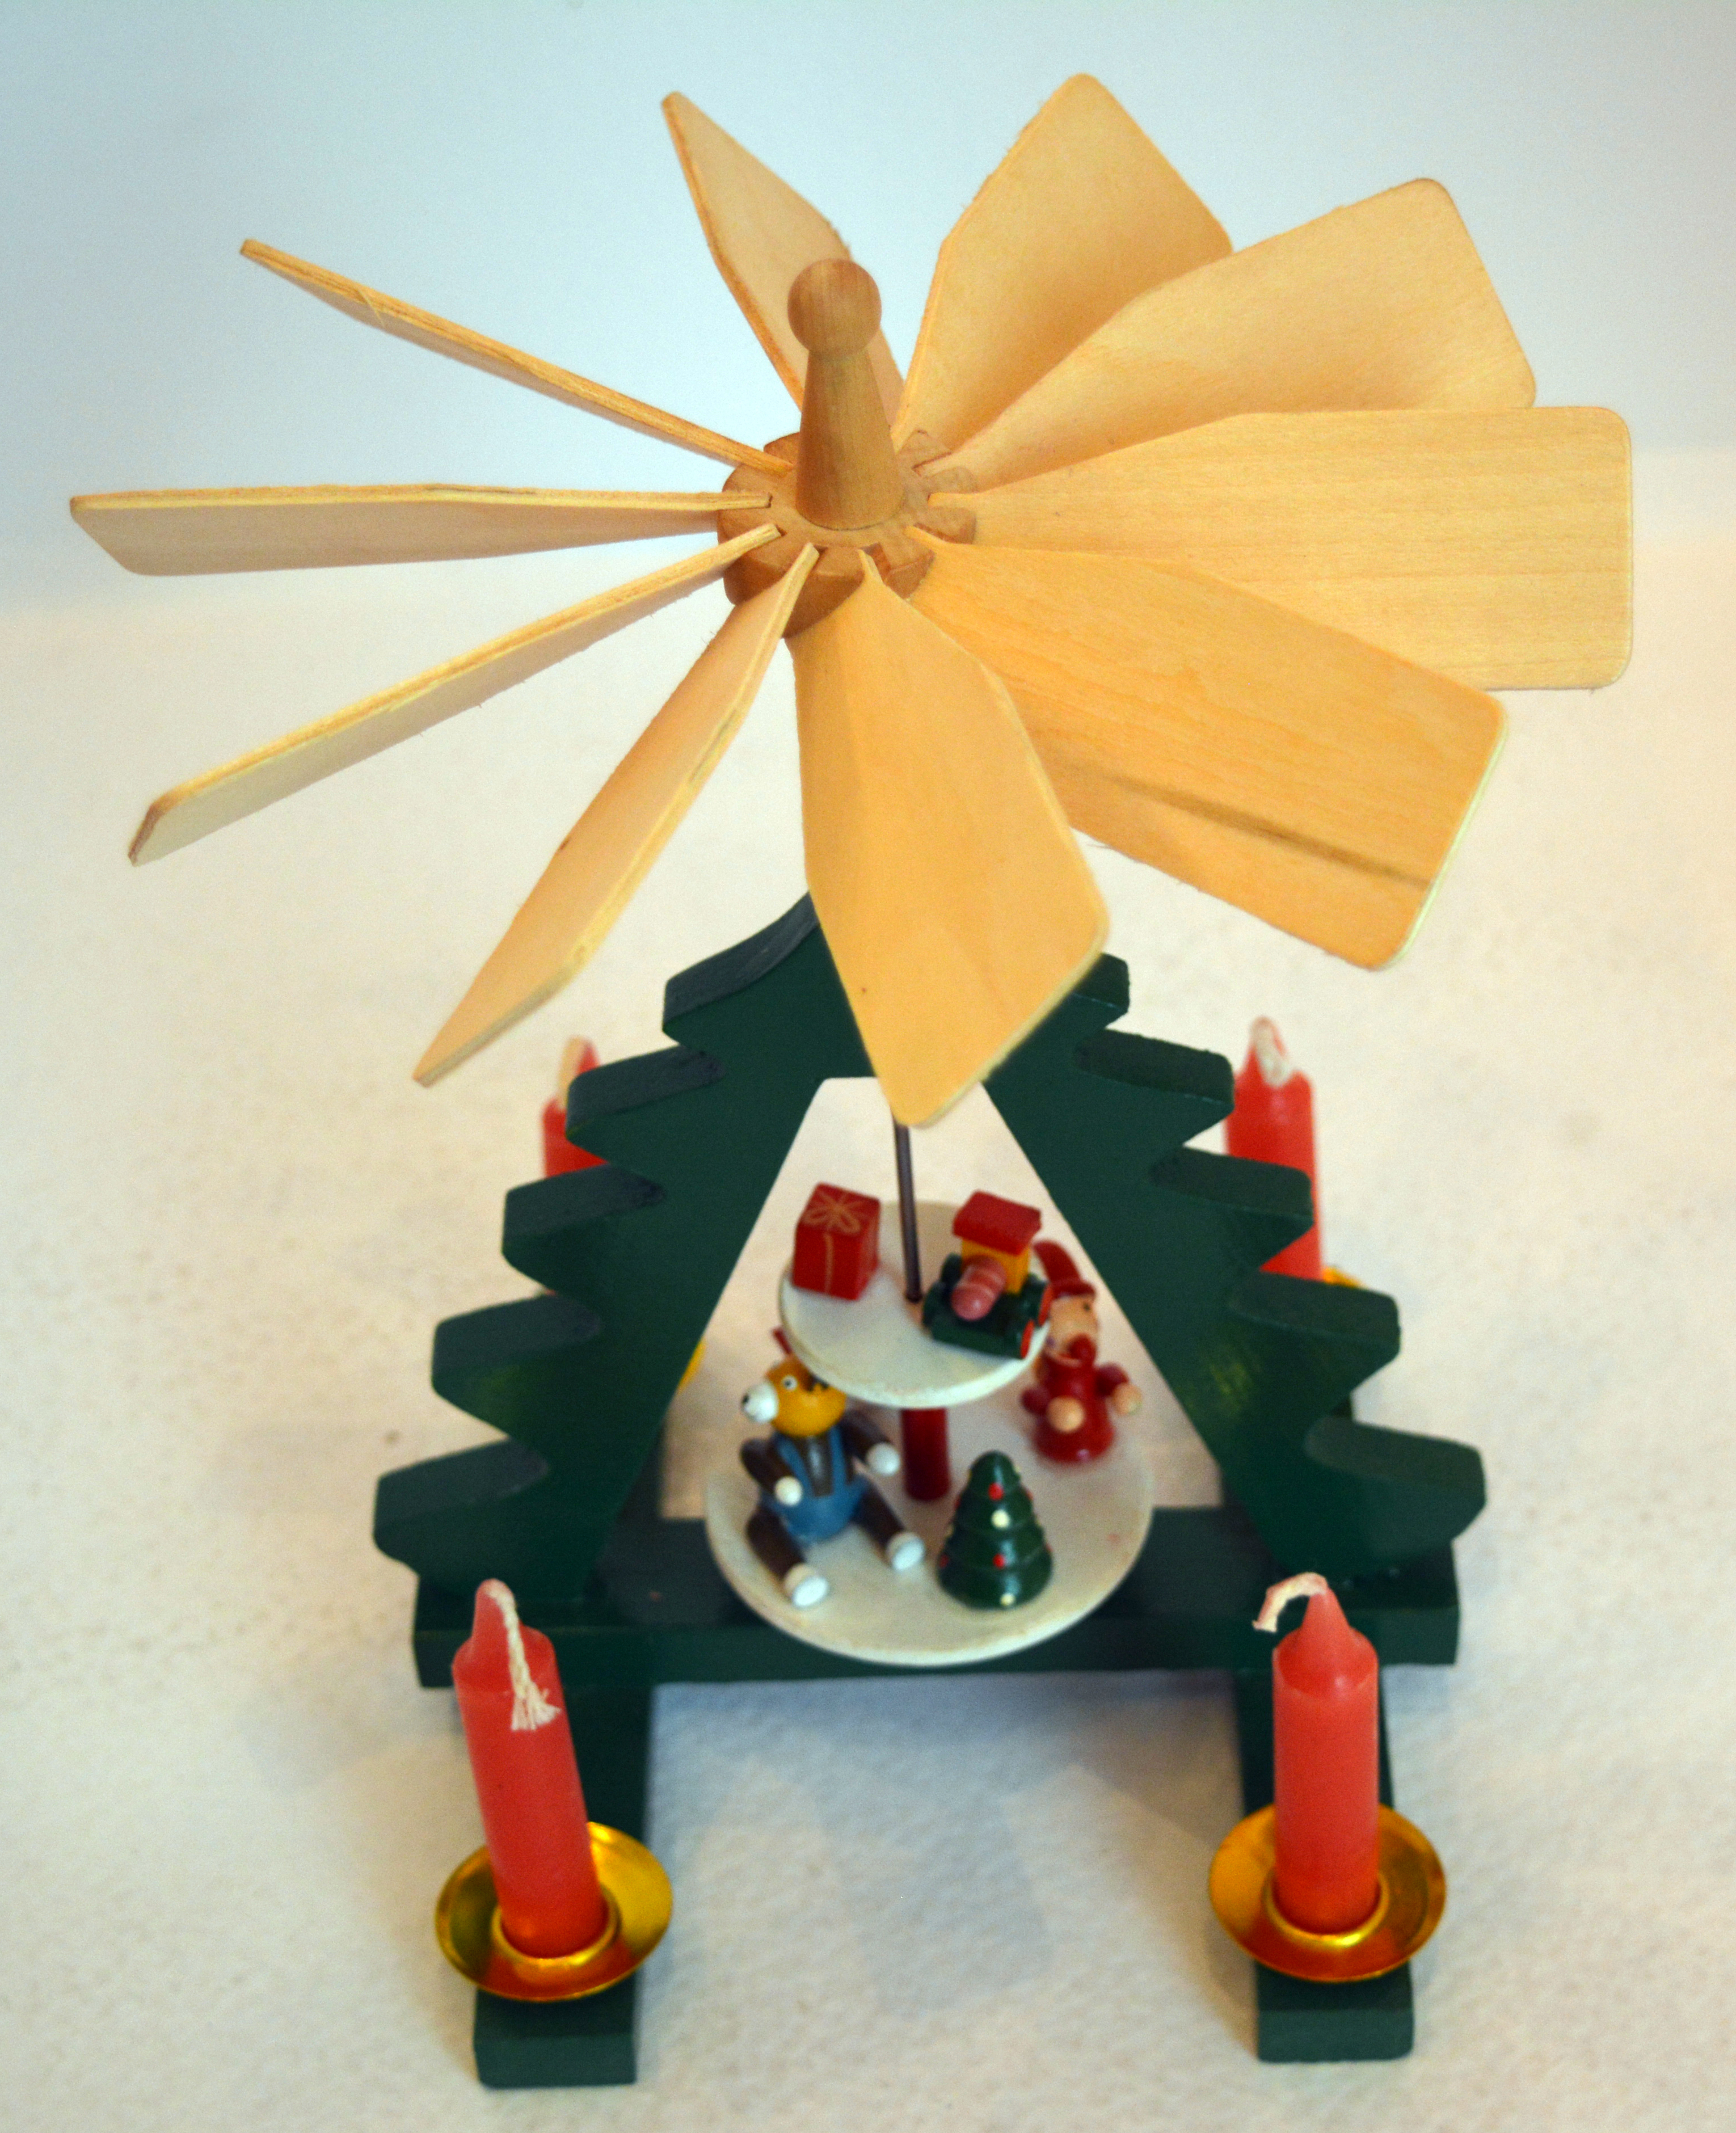 Weihnachtspyramide advent drehbar kerzen weihnachtsdeko - Ebay weihnachtsdeko ...